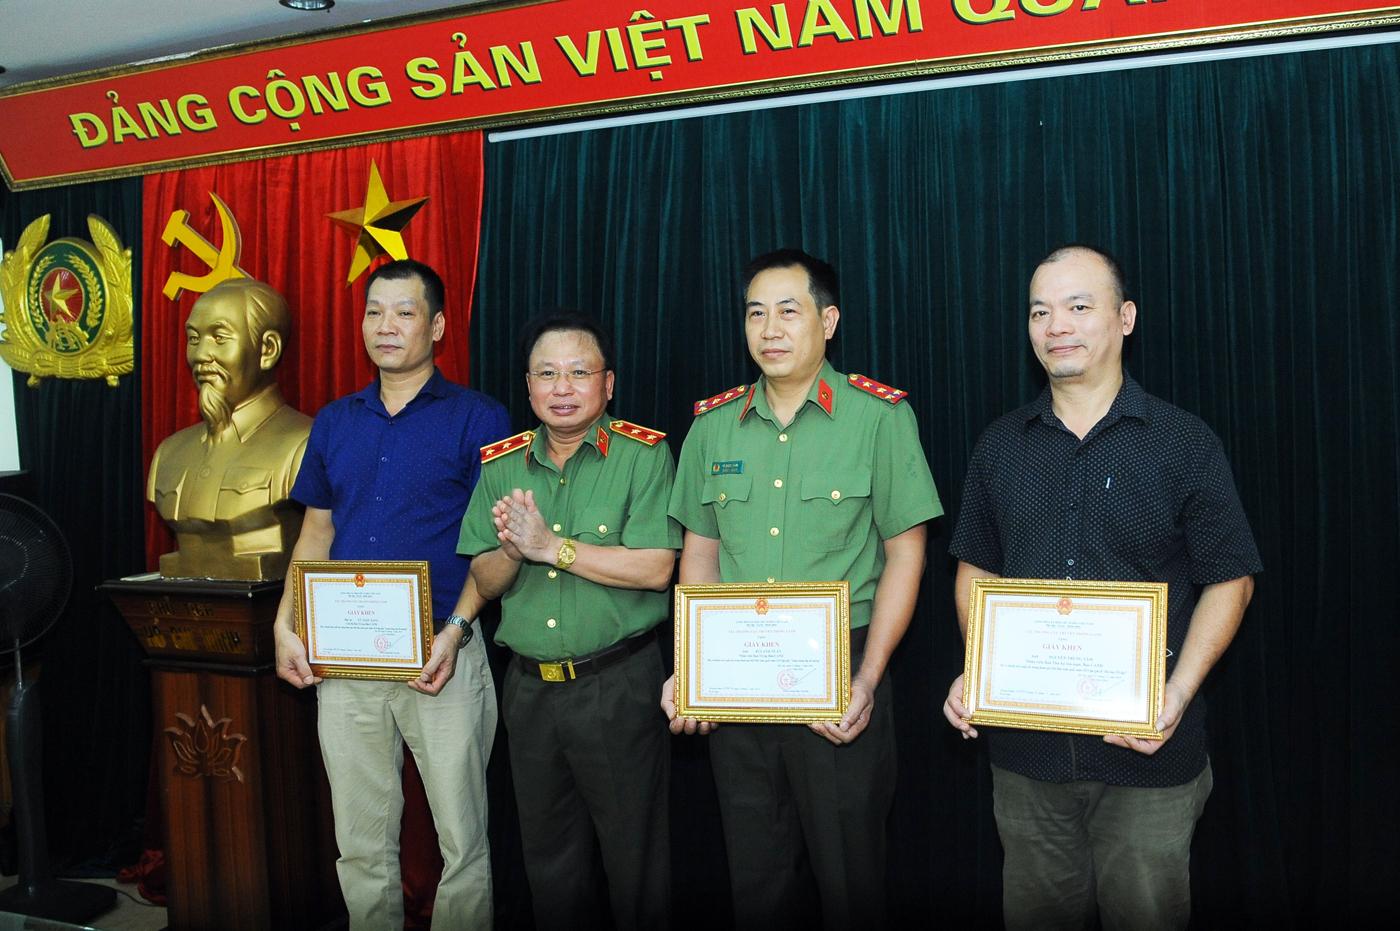 Khen thưởng các cá nhân có nhiều thành tích trong Hội Báo toàn quốc 2019